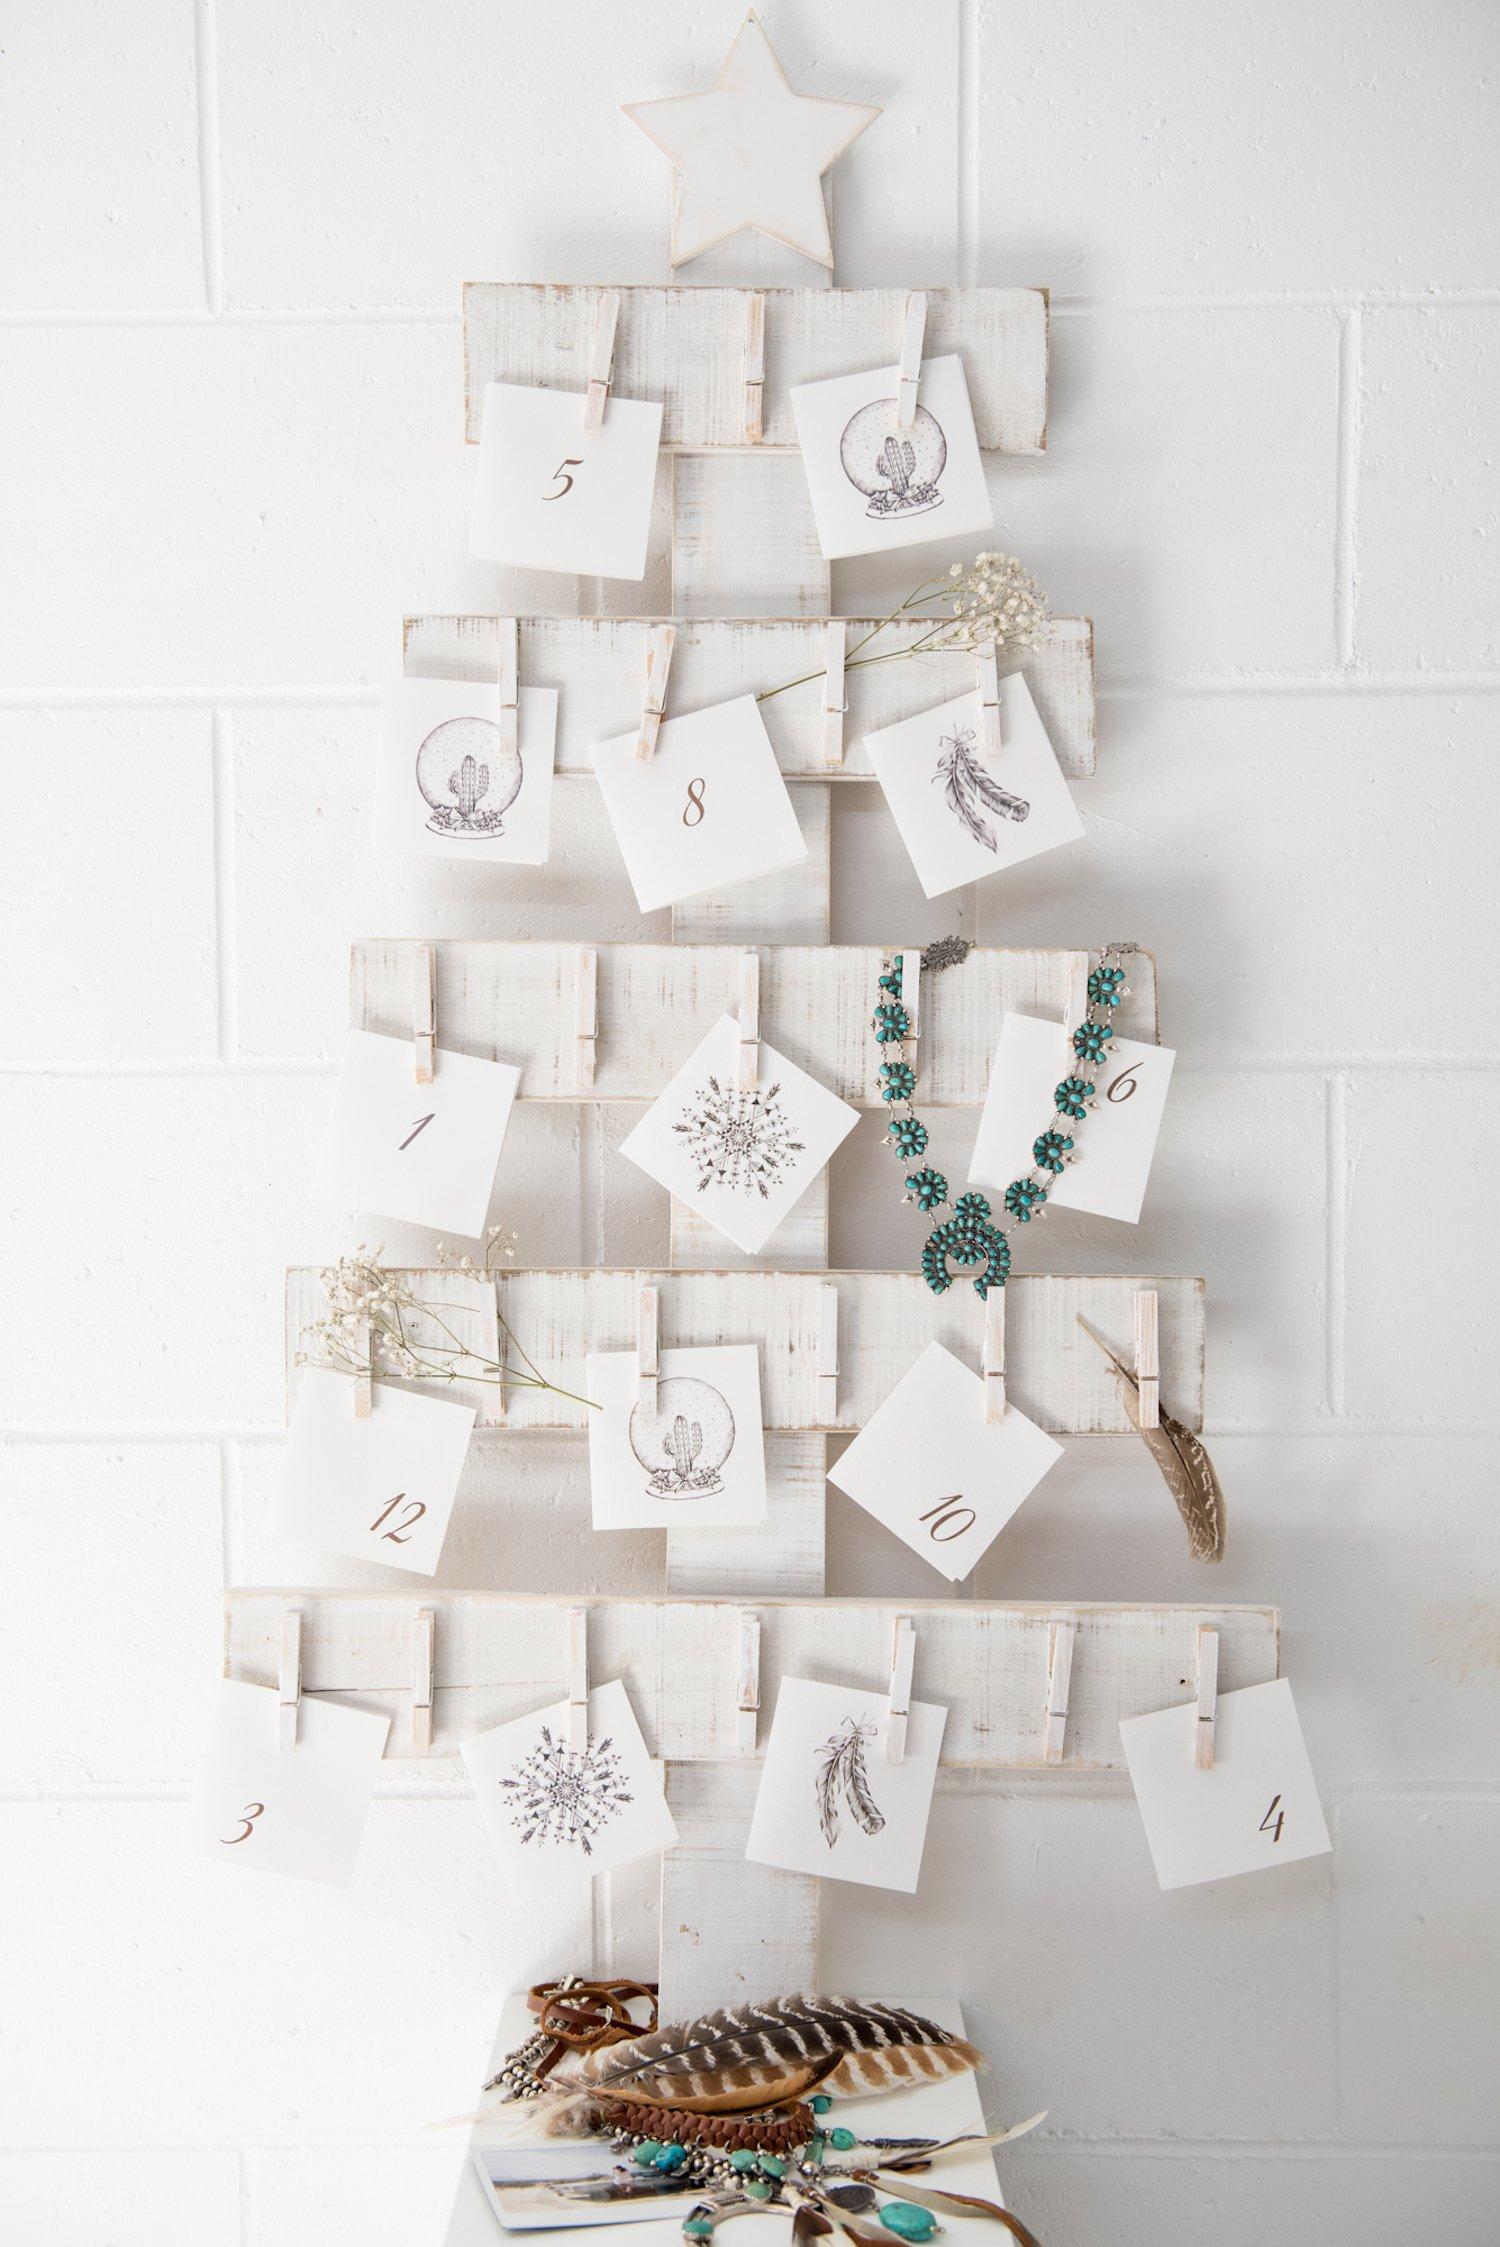 Adventskalender füllen - Weihnachtskarten statt Geschenke